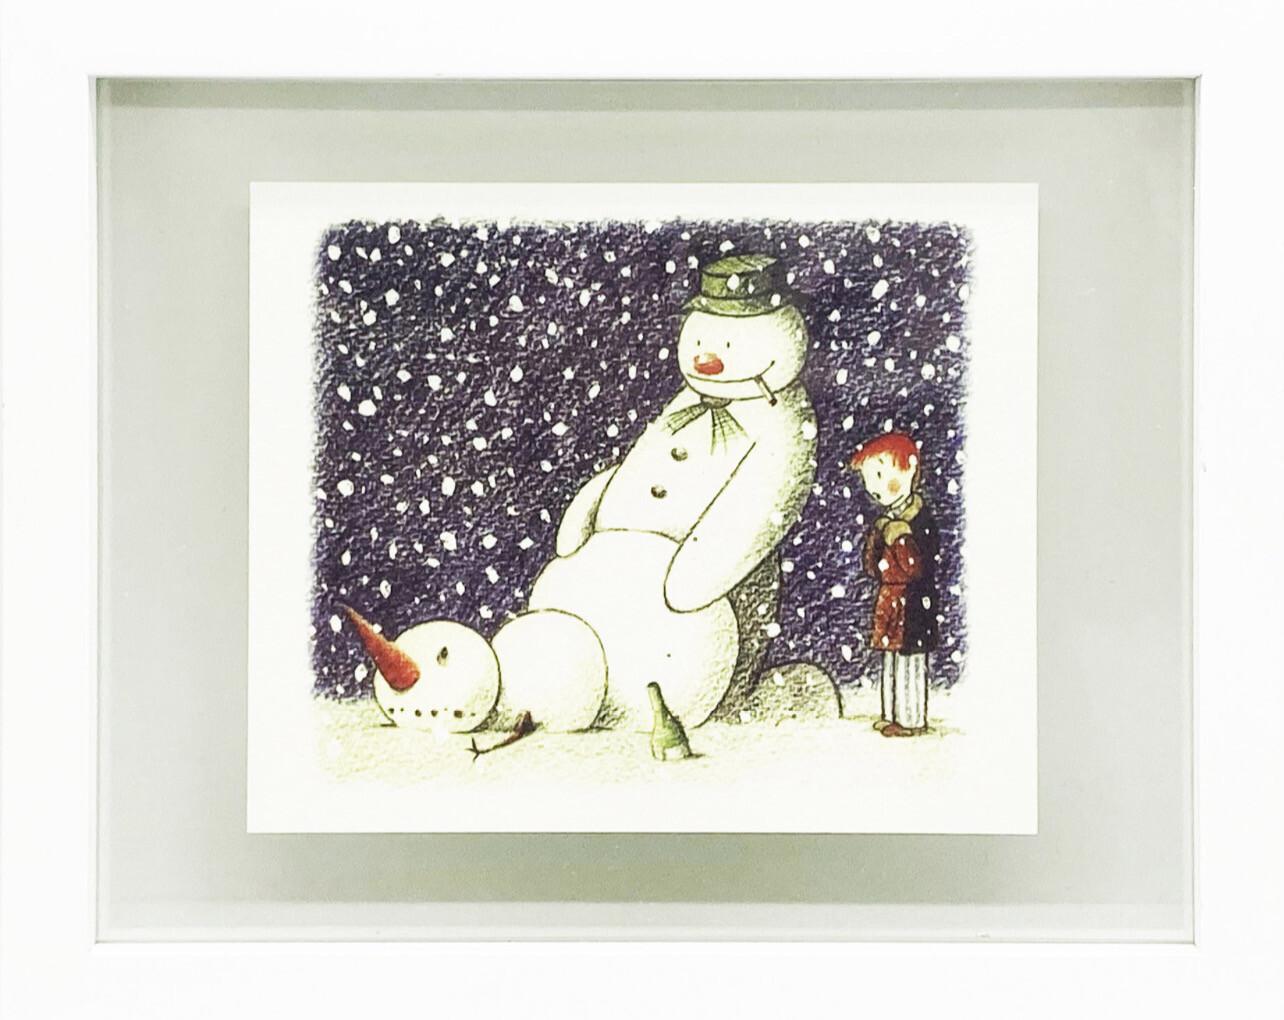 BANKSY 'Rude Snowman' Santa's Ghetto Christmas Card Framed